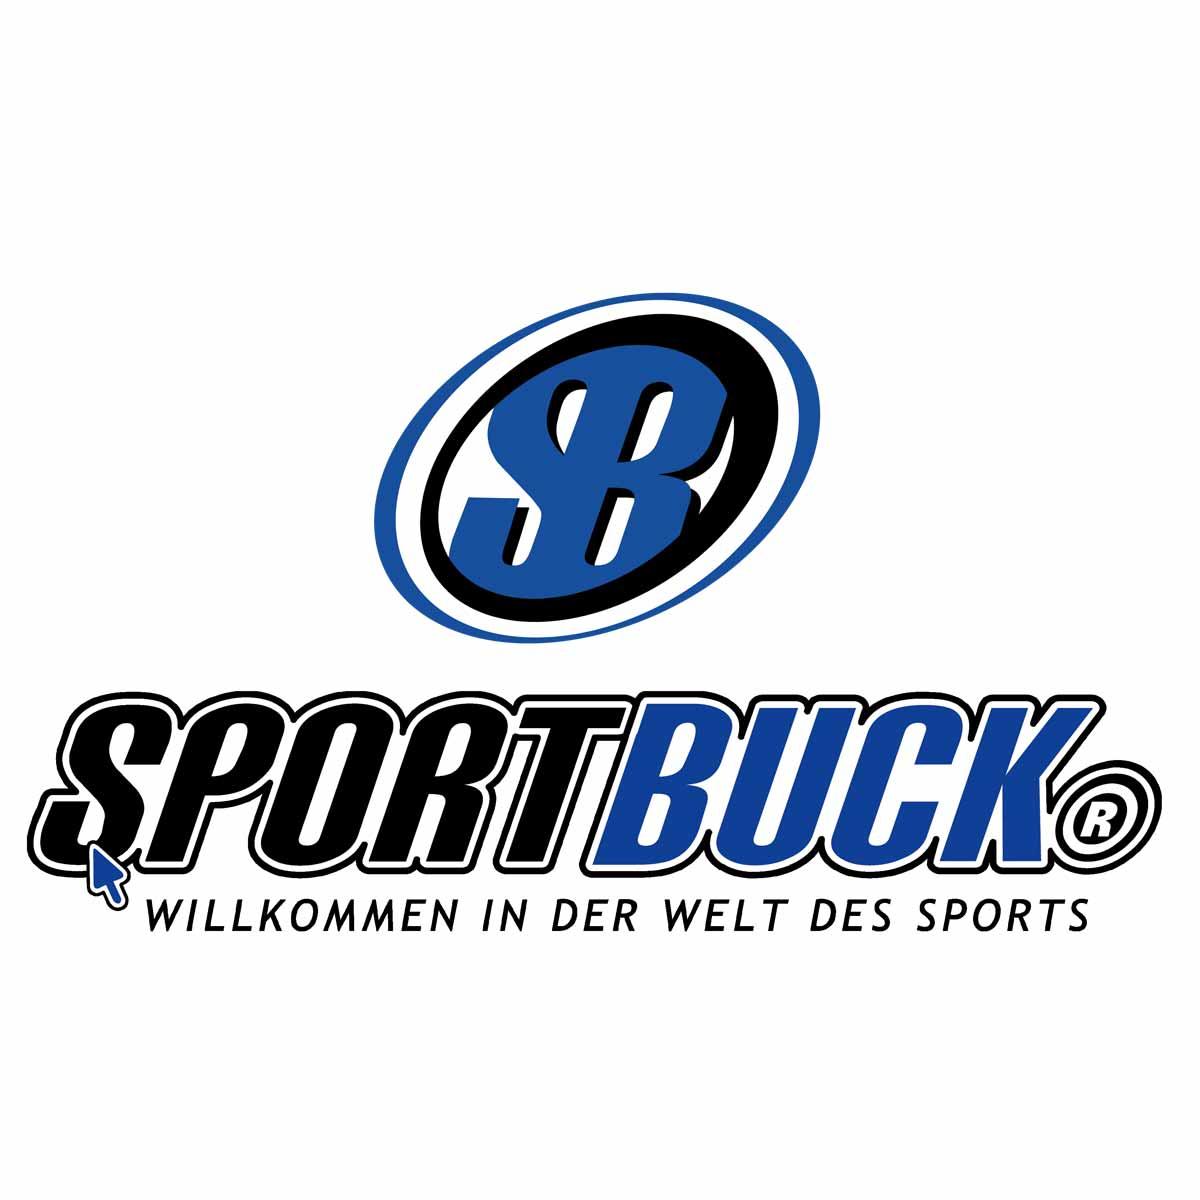 Long Energy Sportdrink Pulver 5% Proteinanteil 1200g Dose Zitrone - Mindesthaltbarkeitsdatum 10/2022